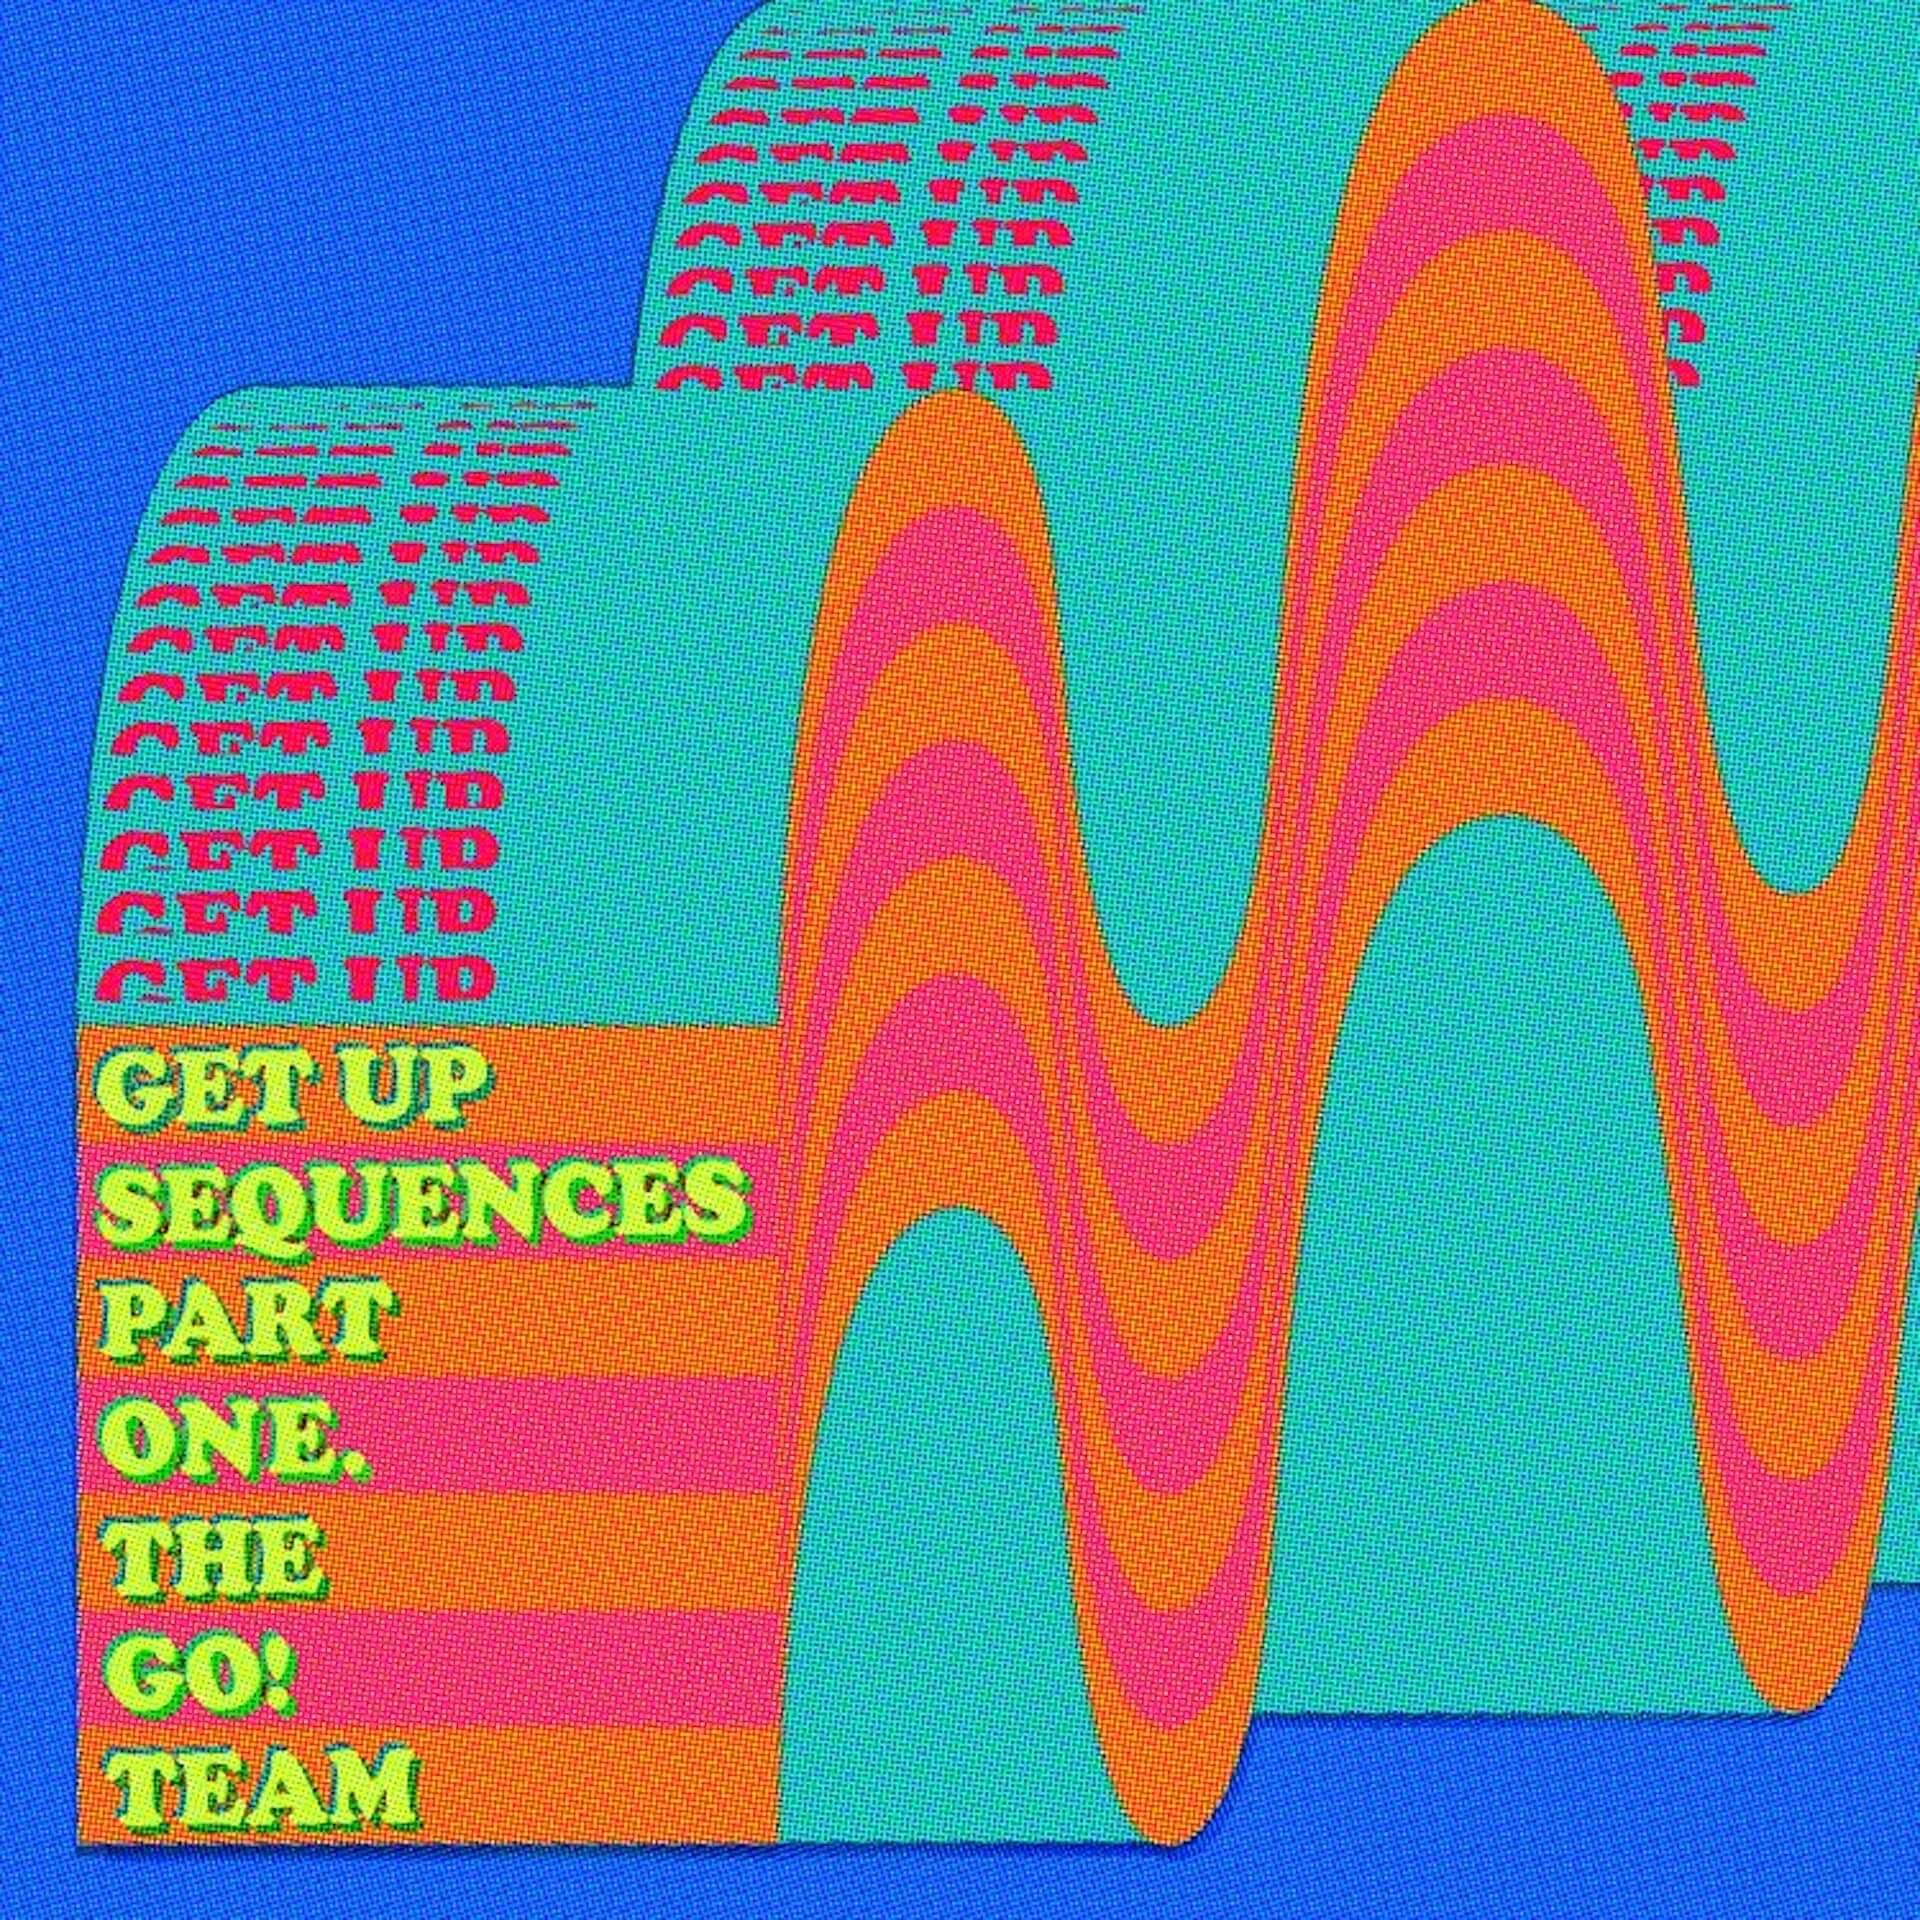 The Go! TeamのリーダーIan Partonが最新アルバム『Get Up Sequences Part One』を語る 制作背景やシューゲイザーR&B的音楽観について music210825_the_go_team_1